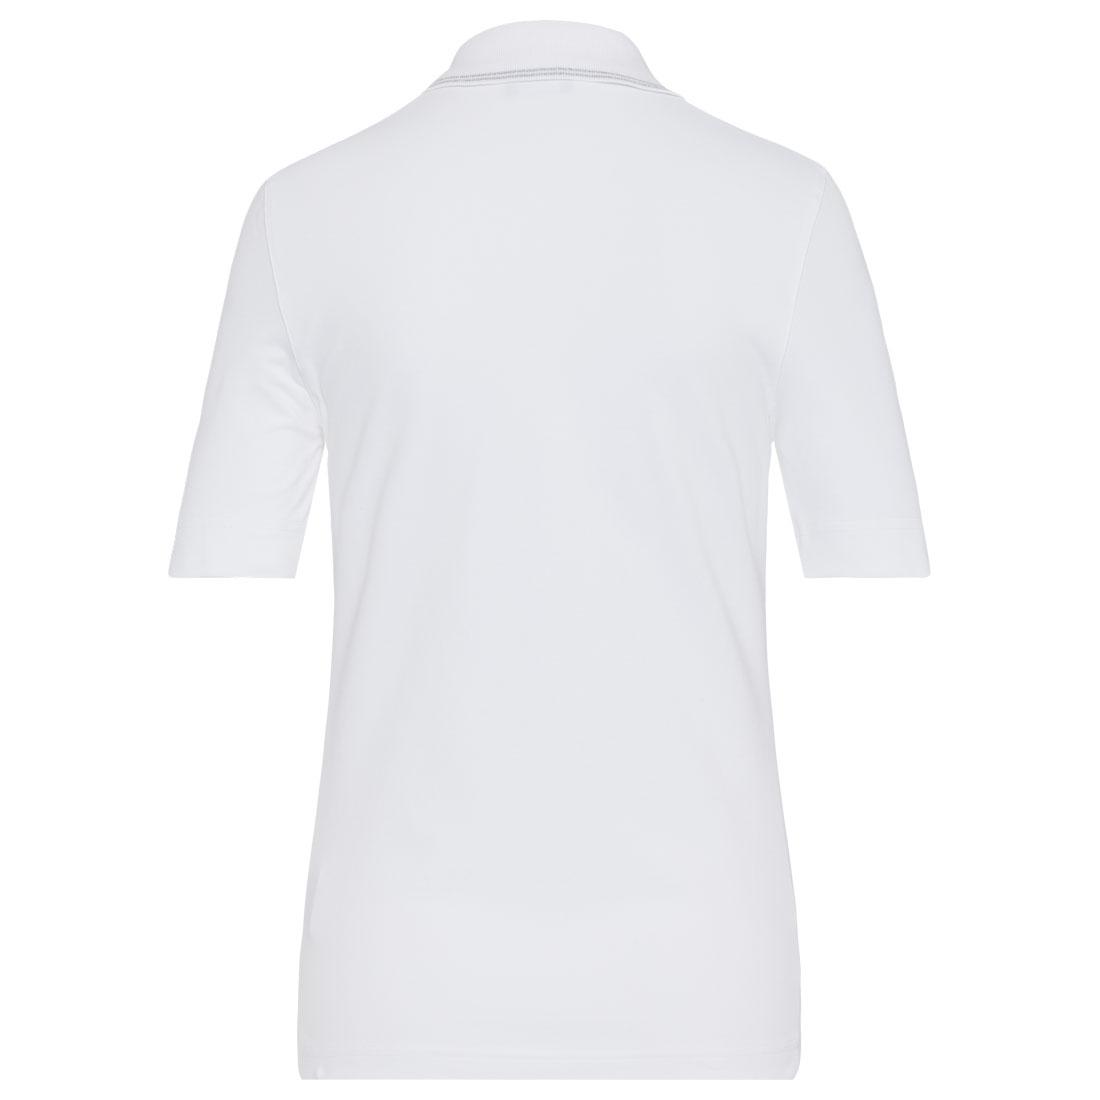 Damen Kurzarm Golfpolo mit UV-Schutz Funktion